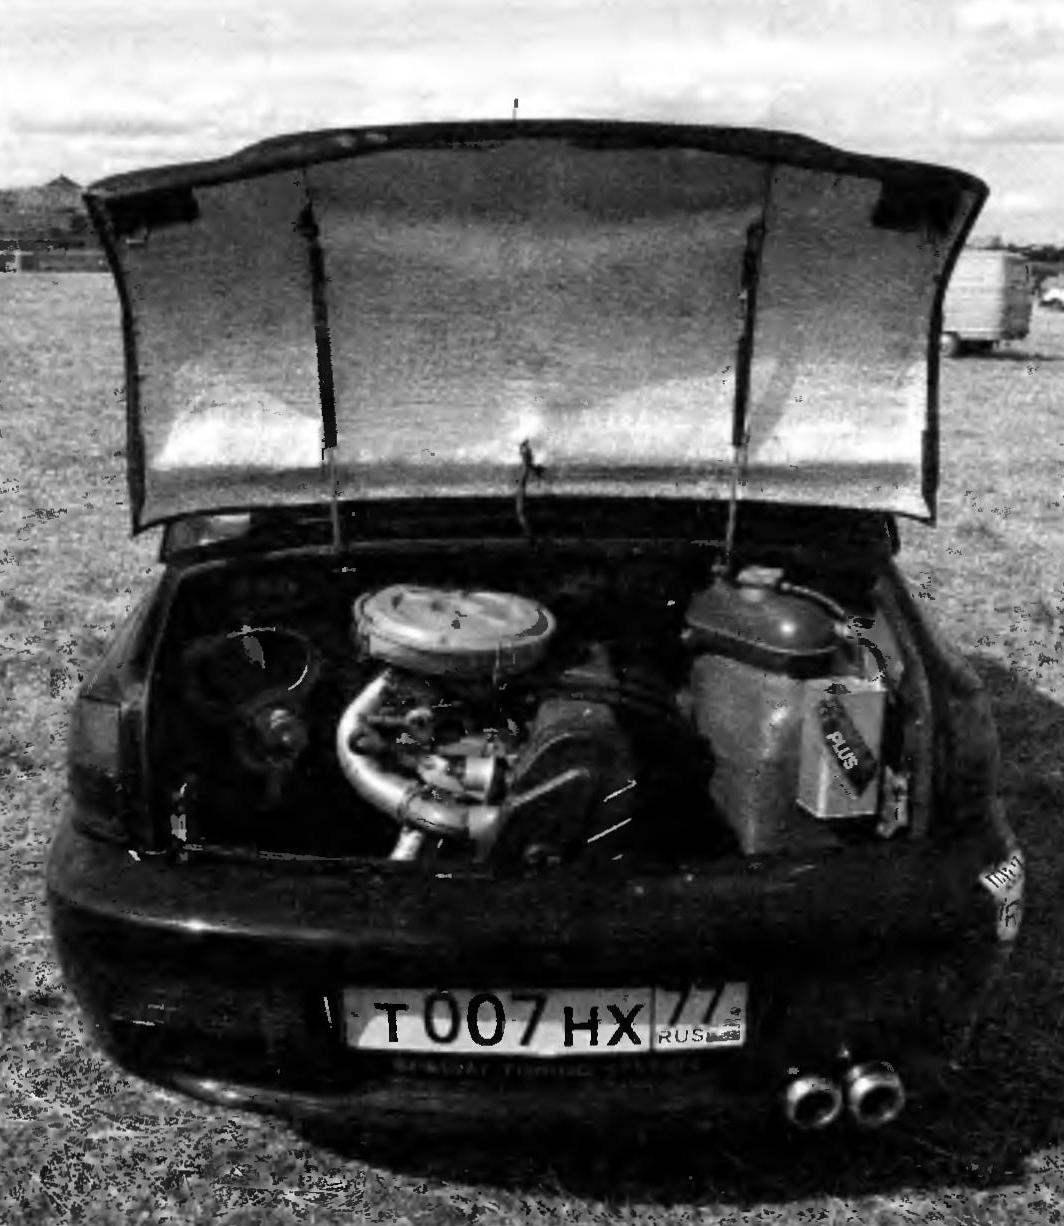 Место 30-сильного двигателя ЗАЗ-965 занял форсированный до 92 л.с. мотор от ВАЗ-2108. Слева — первый радиатор с приточным вентилятором; второй радиатор с другим вентилятором — под отделительным стеклопластиковым кожухом